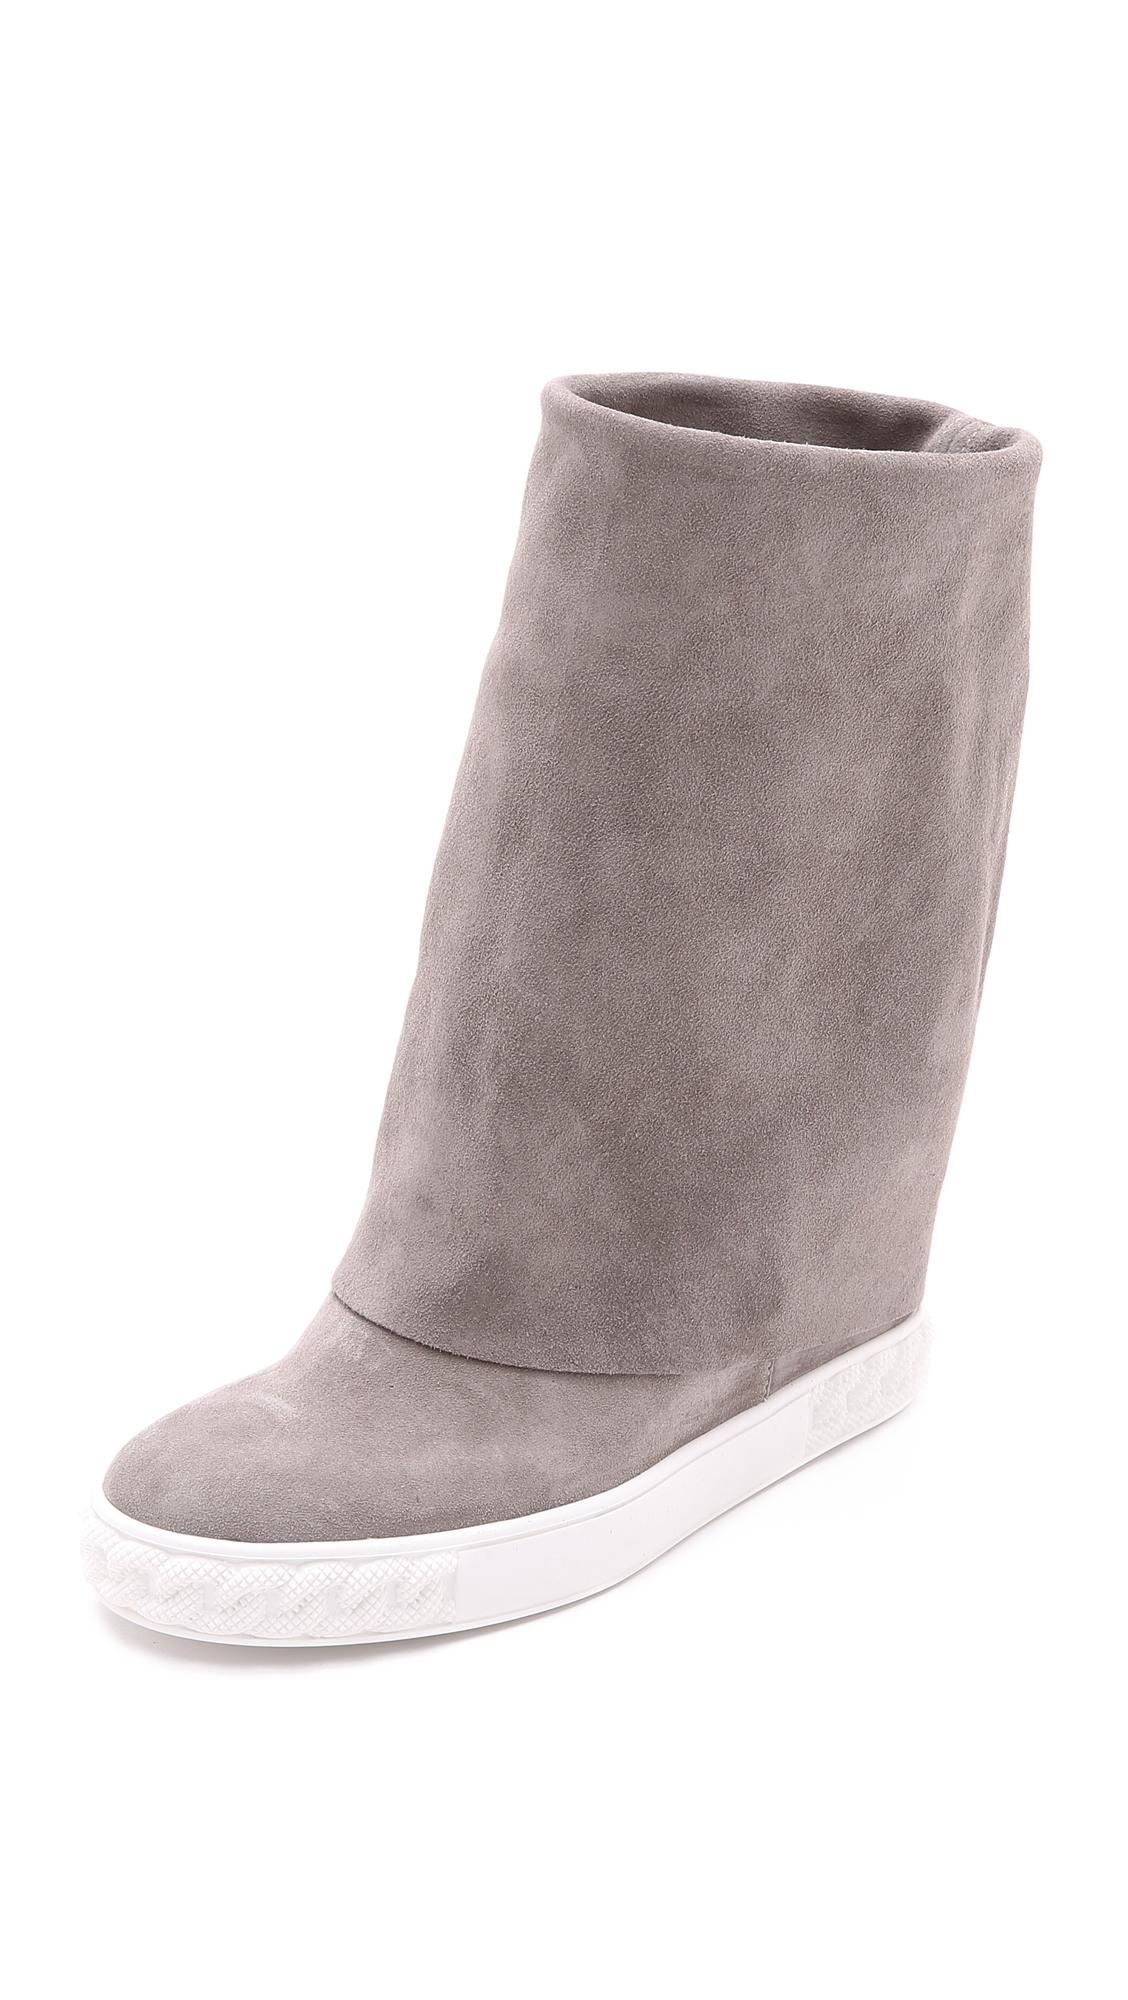 fold down wedge boots - Grey Casadei TmRz8sIyMd